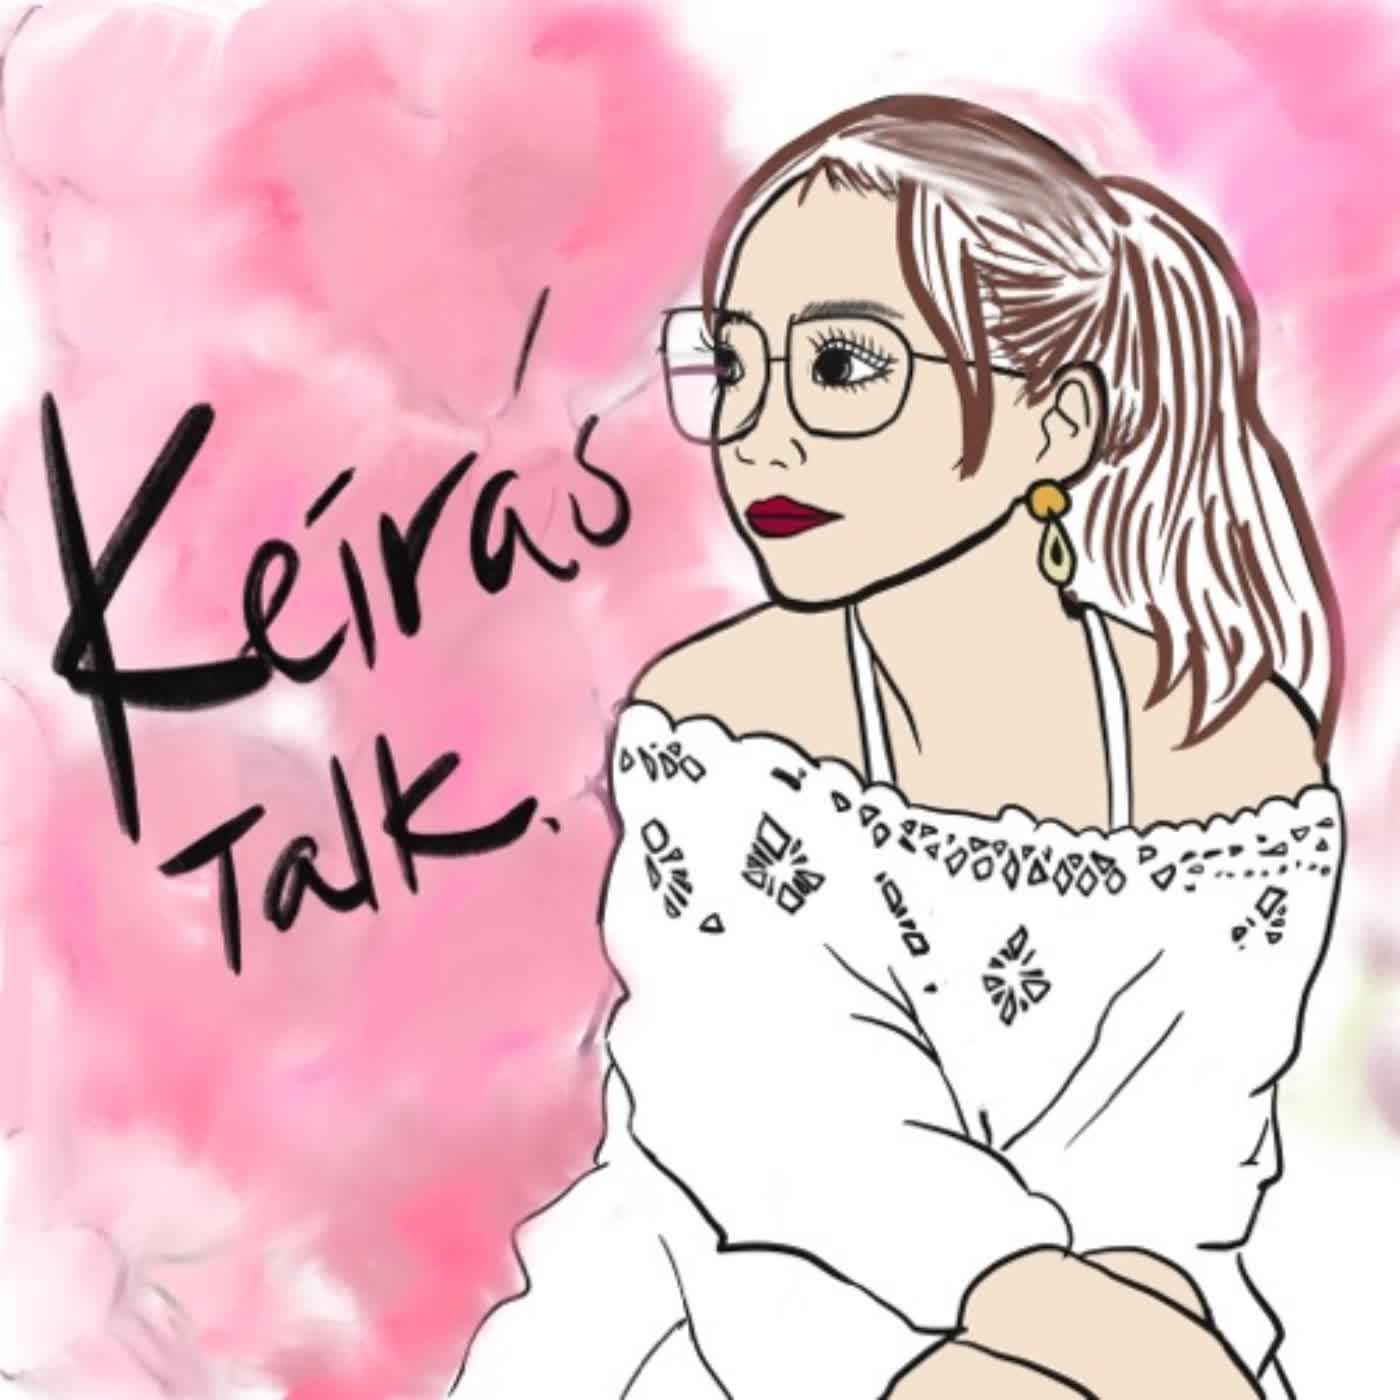 Keira's Talk: 女人話題